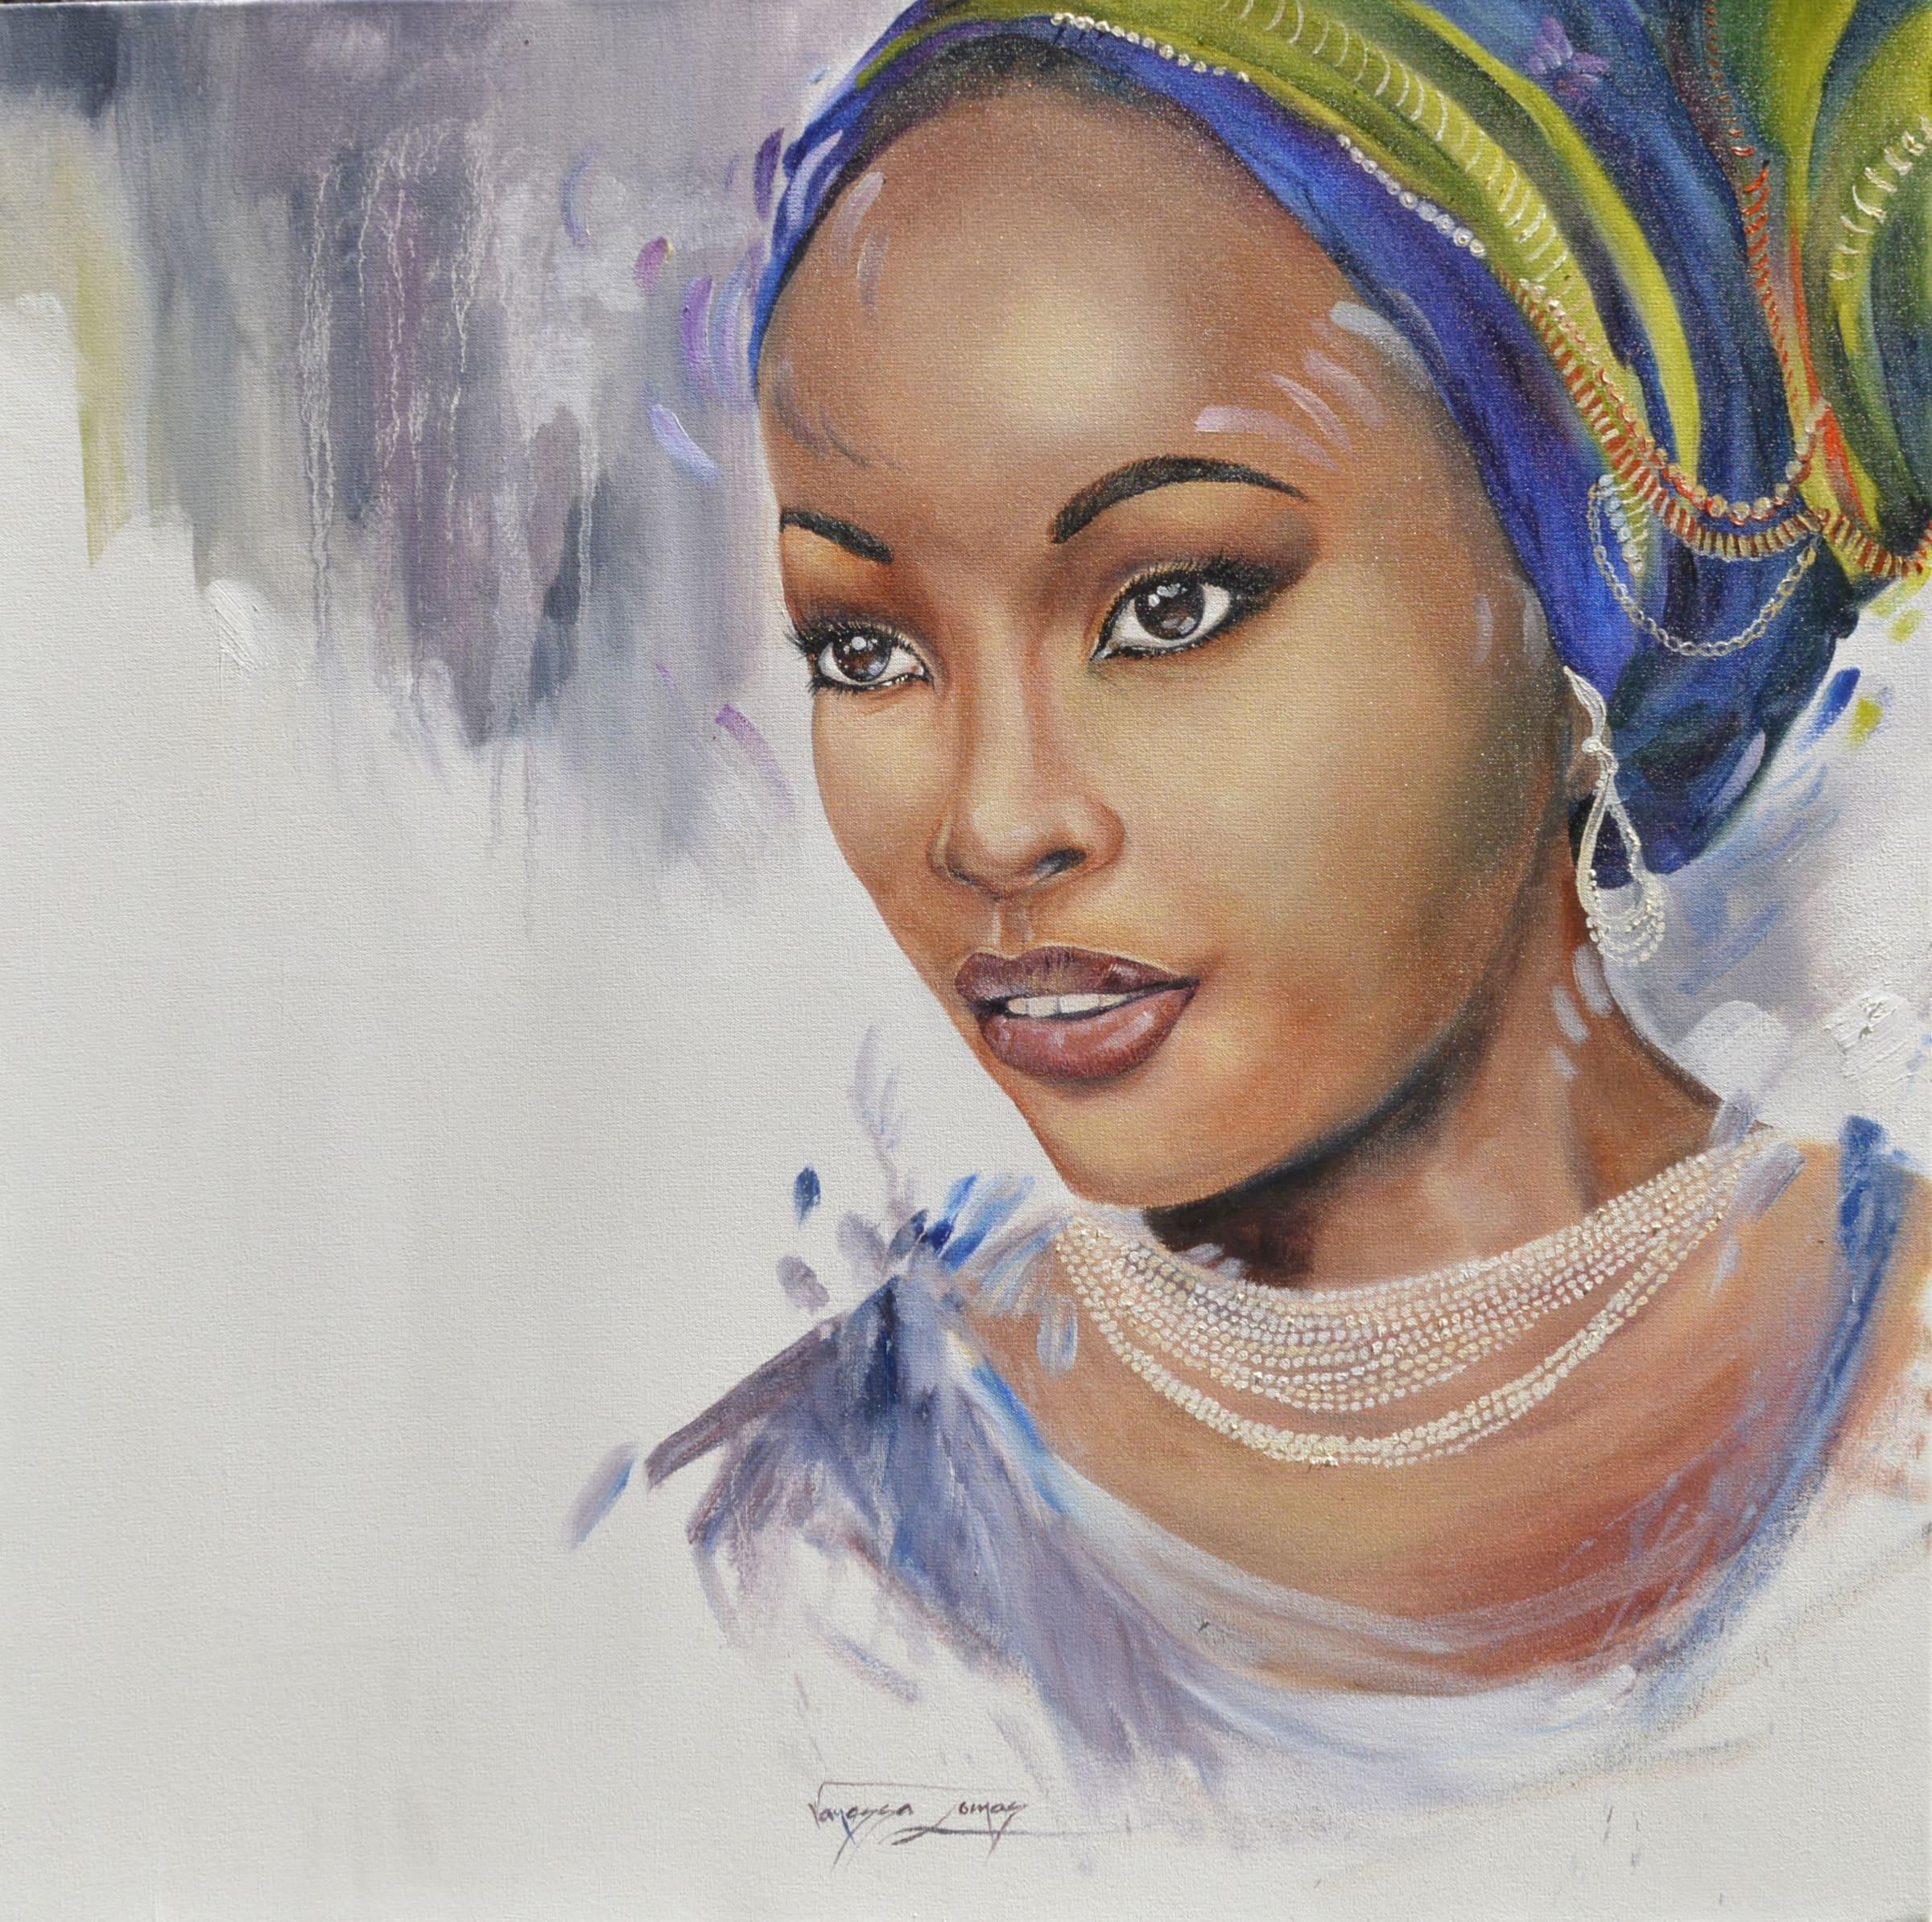 <span class=&#34;link fancybox-details-link&#34;><a href=&#34;/artists/77-vanessa-lomas/works/1179-vanessa-lomas-princess-azran-2018/&#34;>View Detail Page</a></span><div class=&#34;artist&#34;><strong>Vanessa Lomas</strong></div> <div class=&#34;title&#34;><em>Princess Azran</em>, 2018</div> <div class=&#34;medium&#34;>Oil On Canvas</div> <div class=&#34;dimensions&#34;>76cm x 76cm </div><div class=&#34;price&#34;>R8,800.00</div>